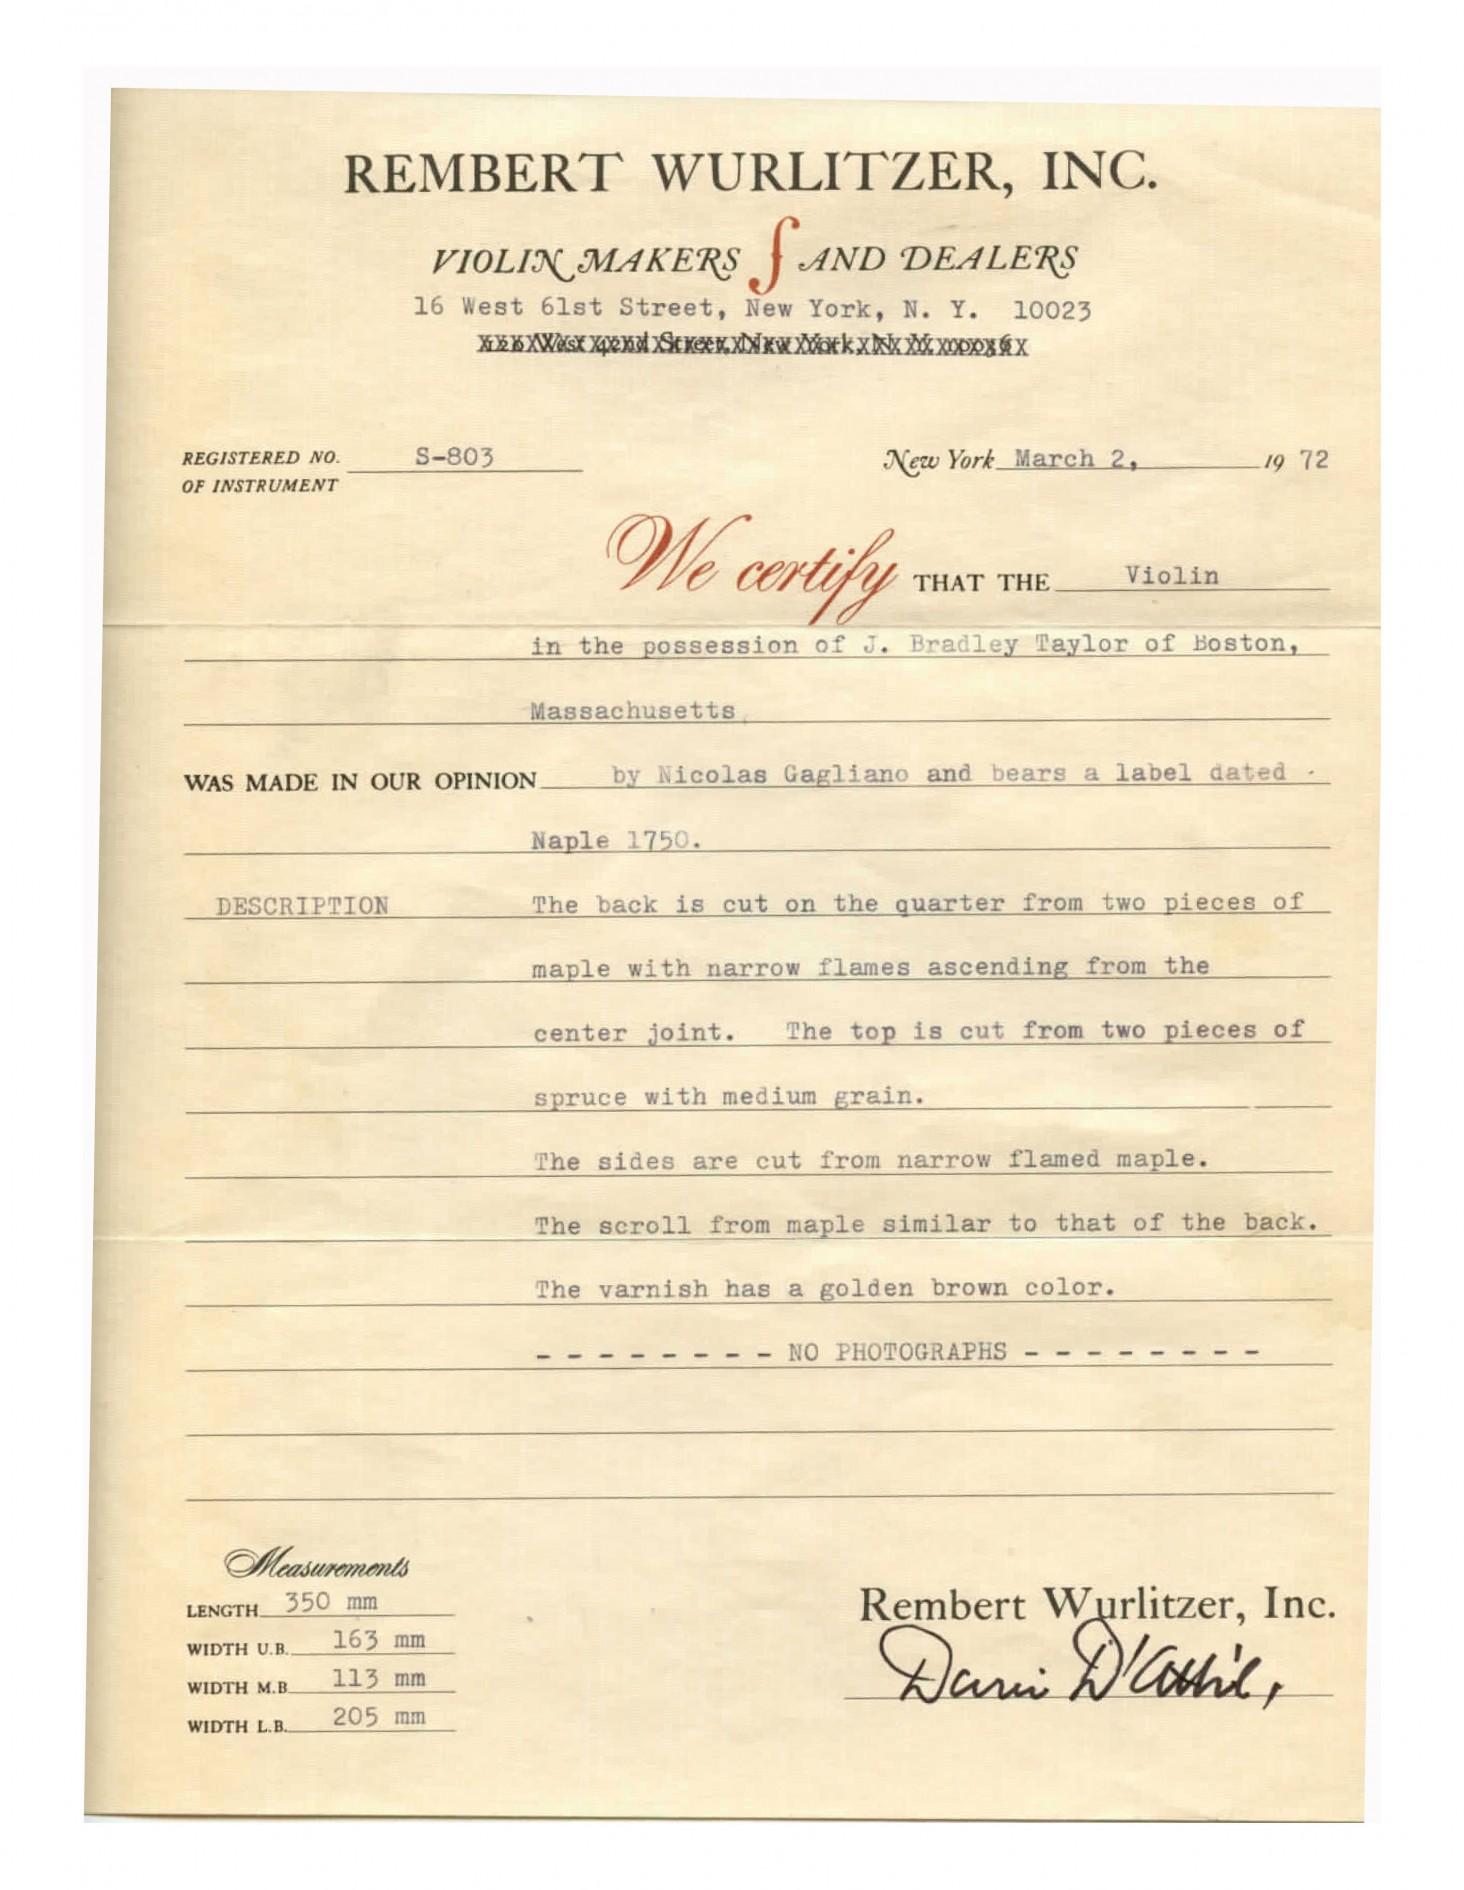 Rembert Wurlitzer certificate